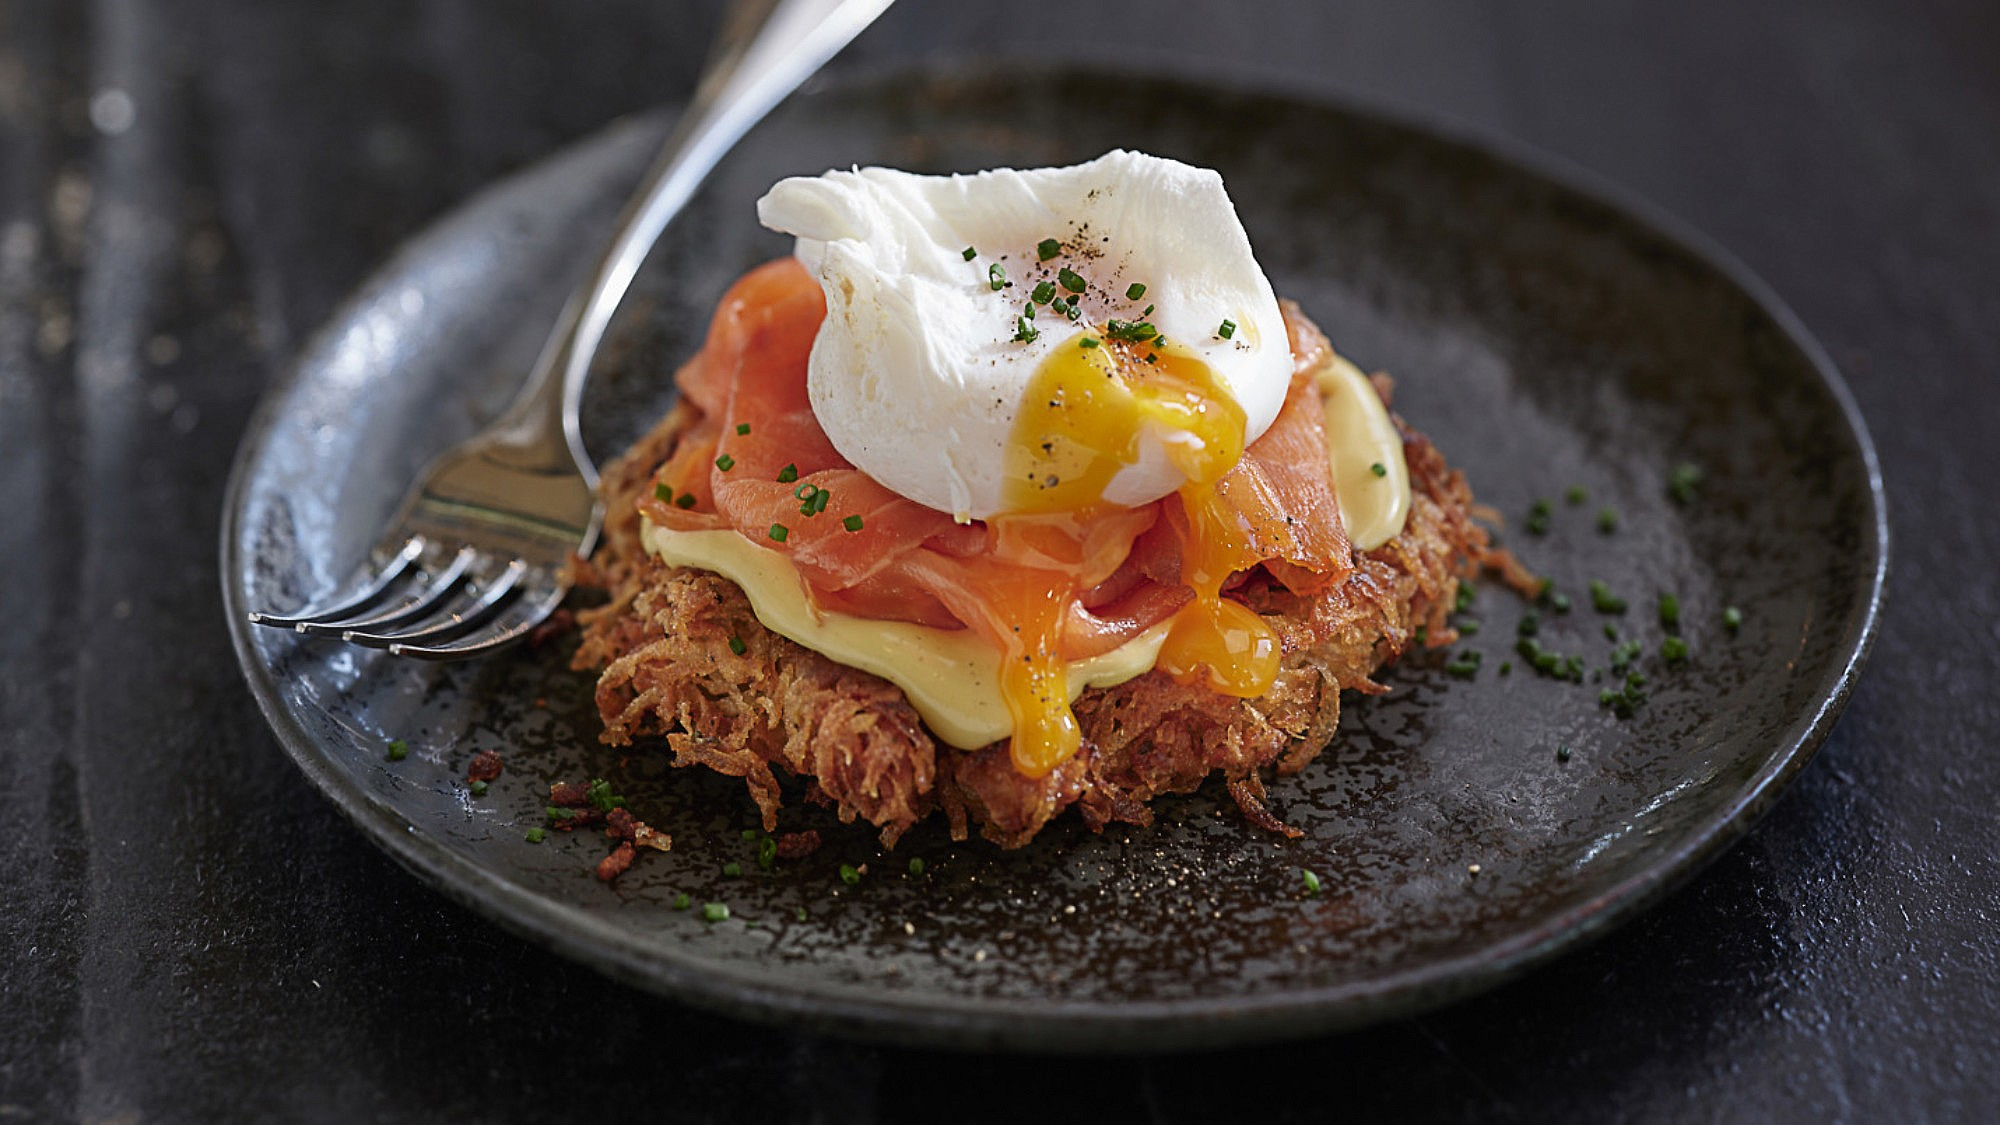 לביבות תפוחי אדמה עם רוטב הולנדייז וגרבלקס של שף עינב אזגורי. צילום: אנטולי מיכאלו. סטיילינג: דלית רוסו